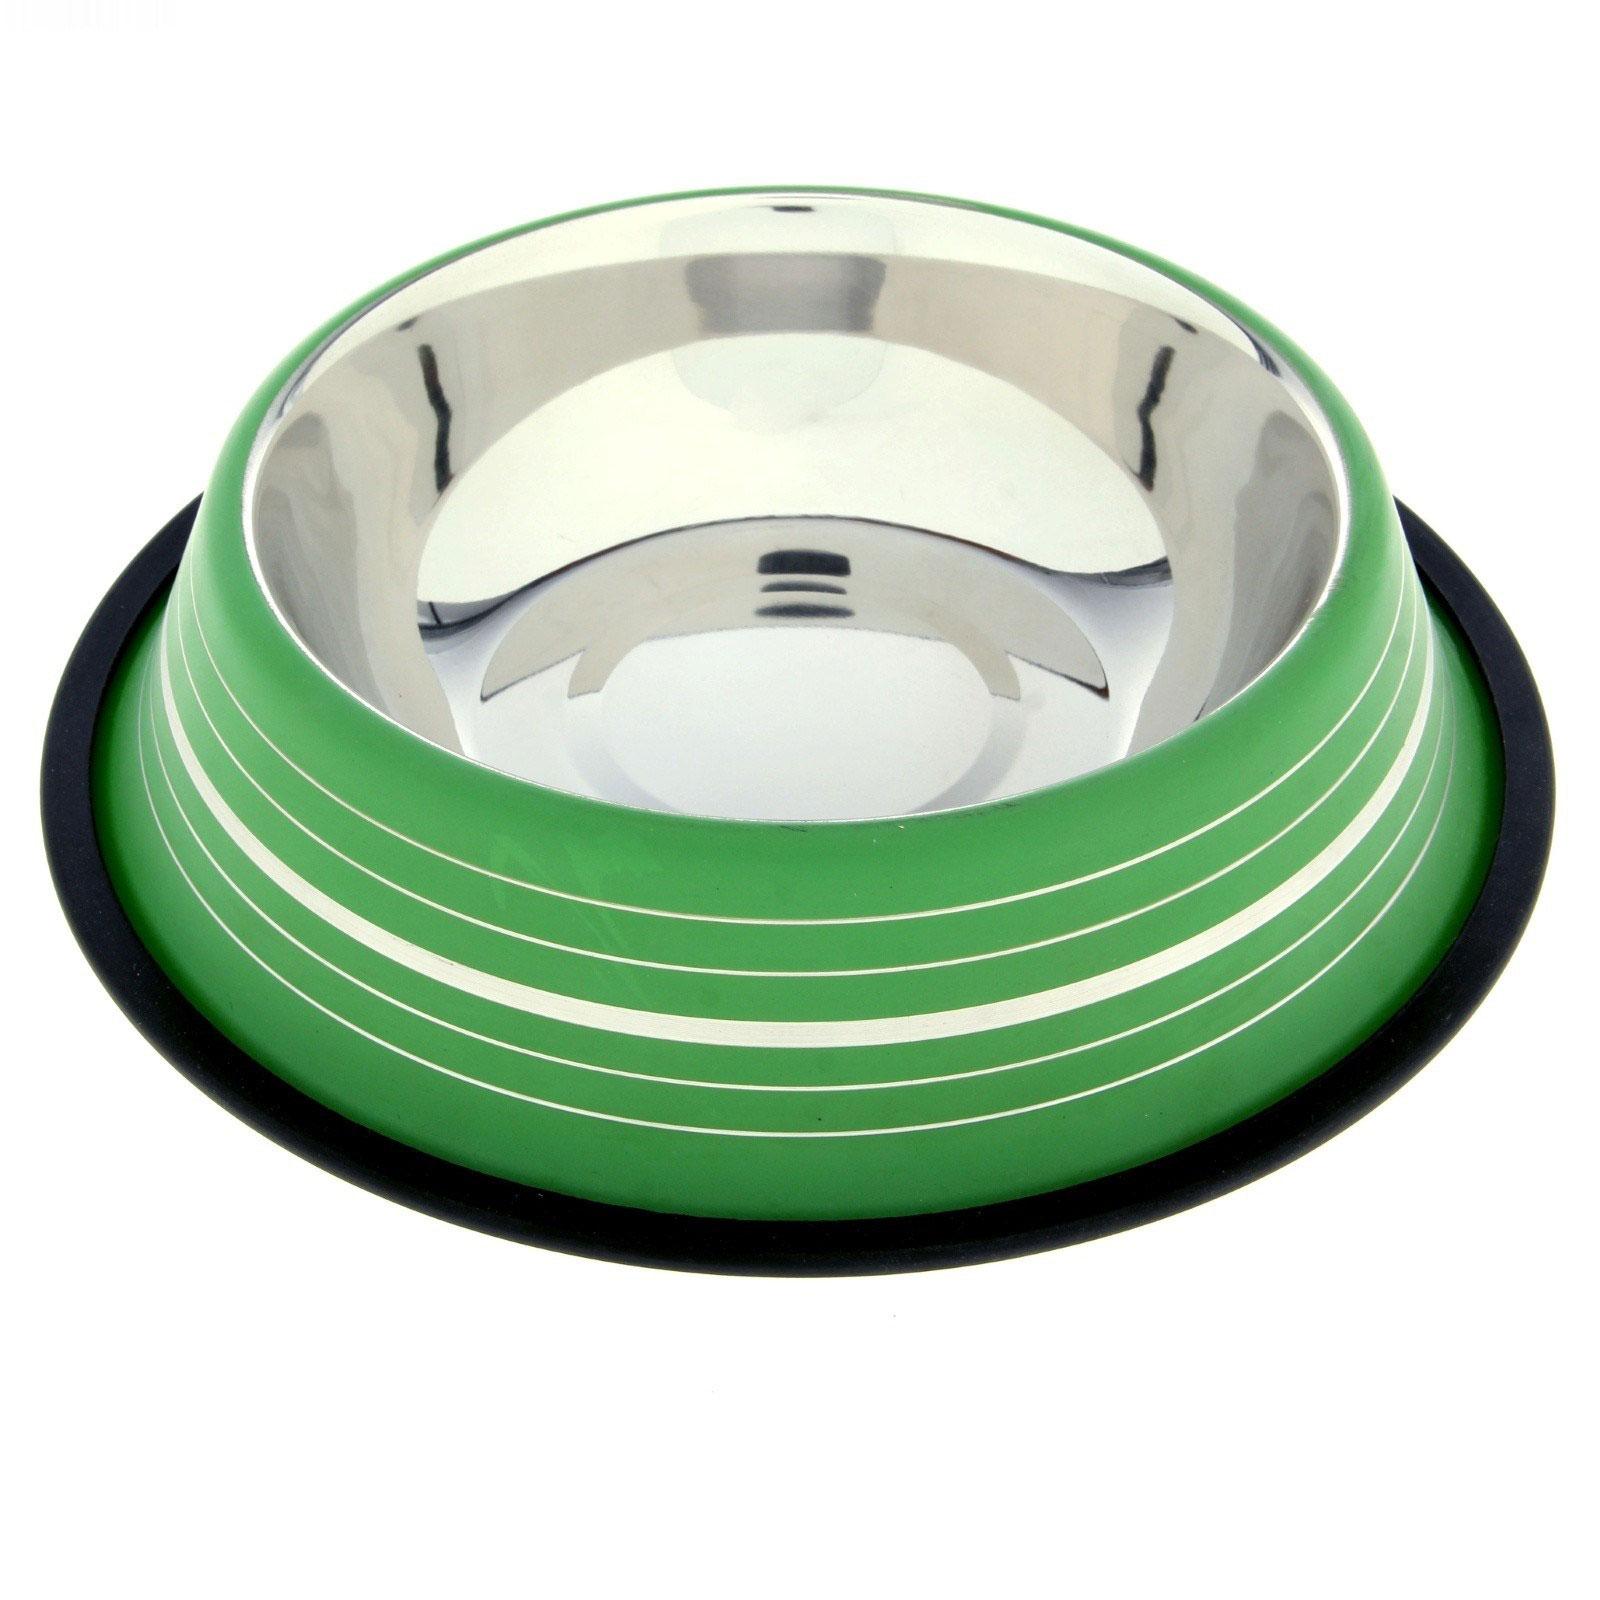 Миска для животных, VM-2510 (D), цвет: зеленый, 900 мл3053_зеленыйМиска изготовлена из нержавеющей стали и предназначена для корма и воды. Она порадует удобством использования как самих животных, так и их хозяев. Необычный дизайн придаст вещи вашего питомца индивидуальность и удовлетворит вкус самых взыскательных зоовладельцев. Изделие снабжено нескользящим дном, устойчивым на любой поверхности, для комфортного приёма пищи животным. Объем: 900 мл. Диаметр миски (по верхнему краю): 17 см. Диаметр основания: 13,5 см. Высота миски: 5,5 см.